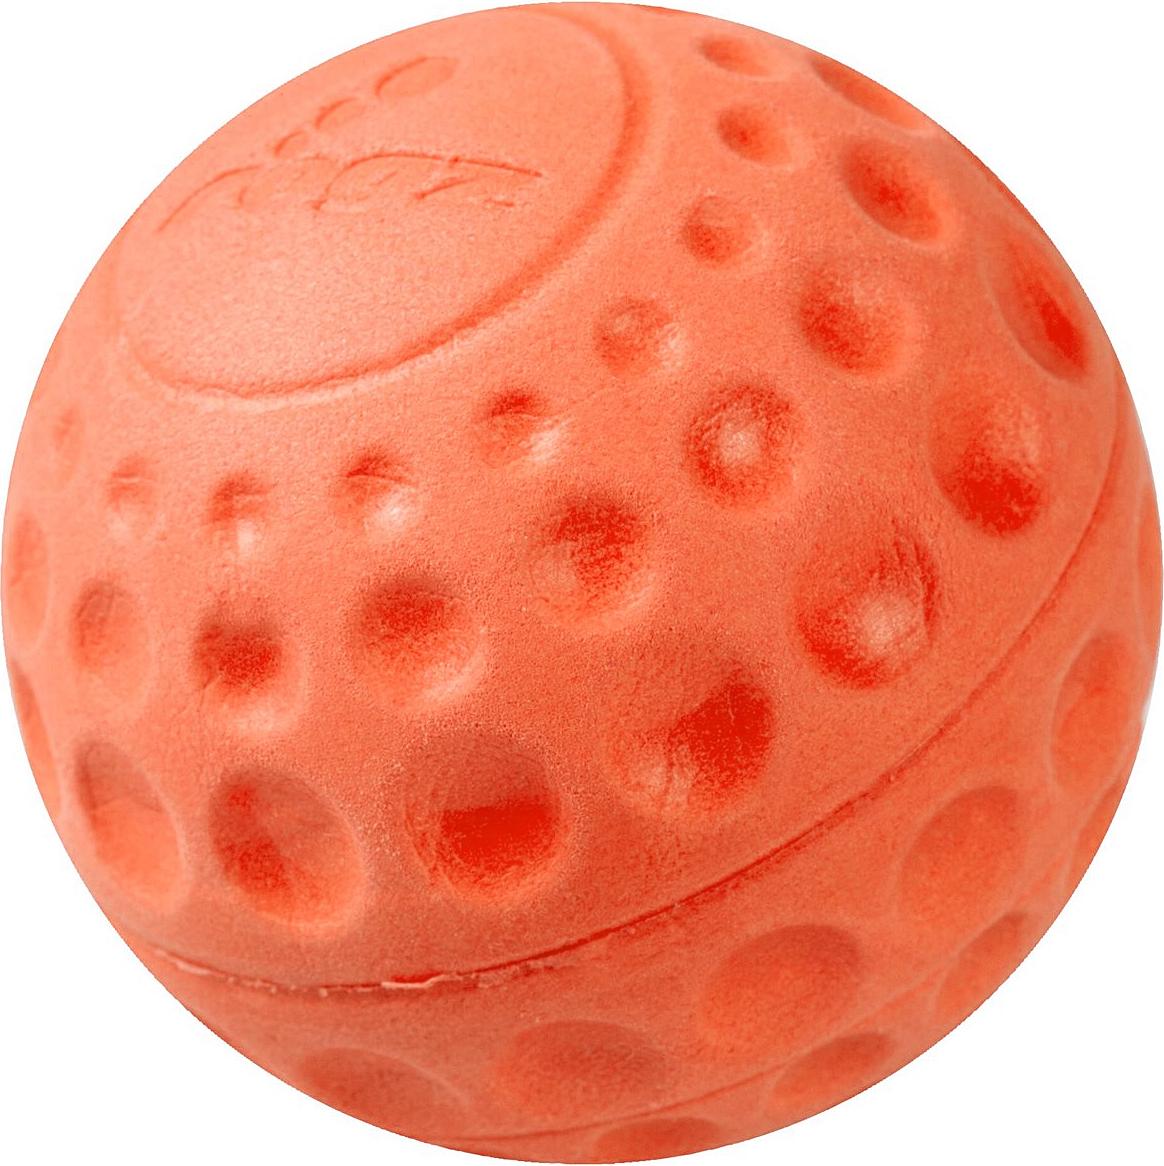 Игрушка для собак Rogz Asteroidz, цвет: оранжевый, диаметр 6,4 смGLG014Мяч для собак Rogz Asteroidz предназначен для игры с хозяином Принеси.Мяч имеет небольшой вес, не травмирует десны, не повреждает зубы, удобно носить в пасти.Отличная упругость для подпрыгивания.Изготовлено из особого термоэластопласта Sebs, обеспечивающего великолепную плавучесть в воде, поэтому игрушка отлично подходит для игры в водоеме. Материал изделия: EVA (этиленвинилацетат) - легкий мелкопористый материал, похожий на застывшую пену.Не токсичен.